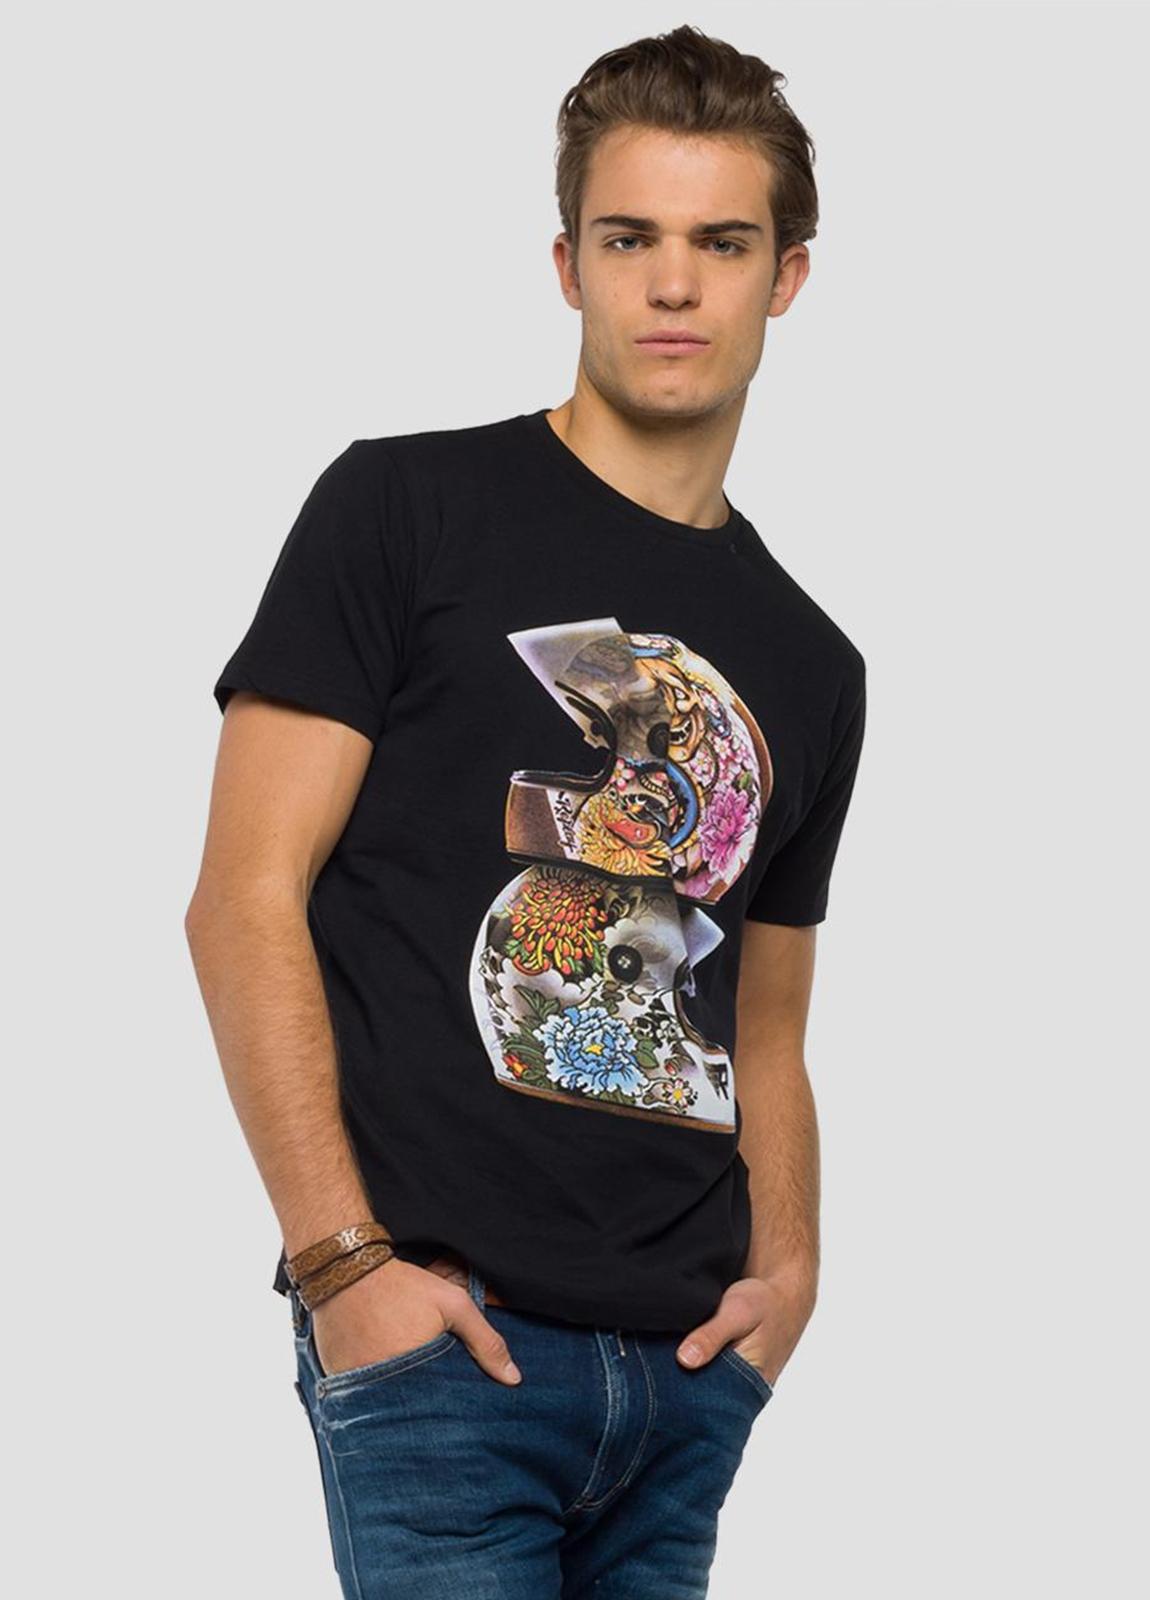 Camiseta manga corta color negro con estampado de cascos.100% Algodón.